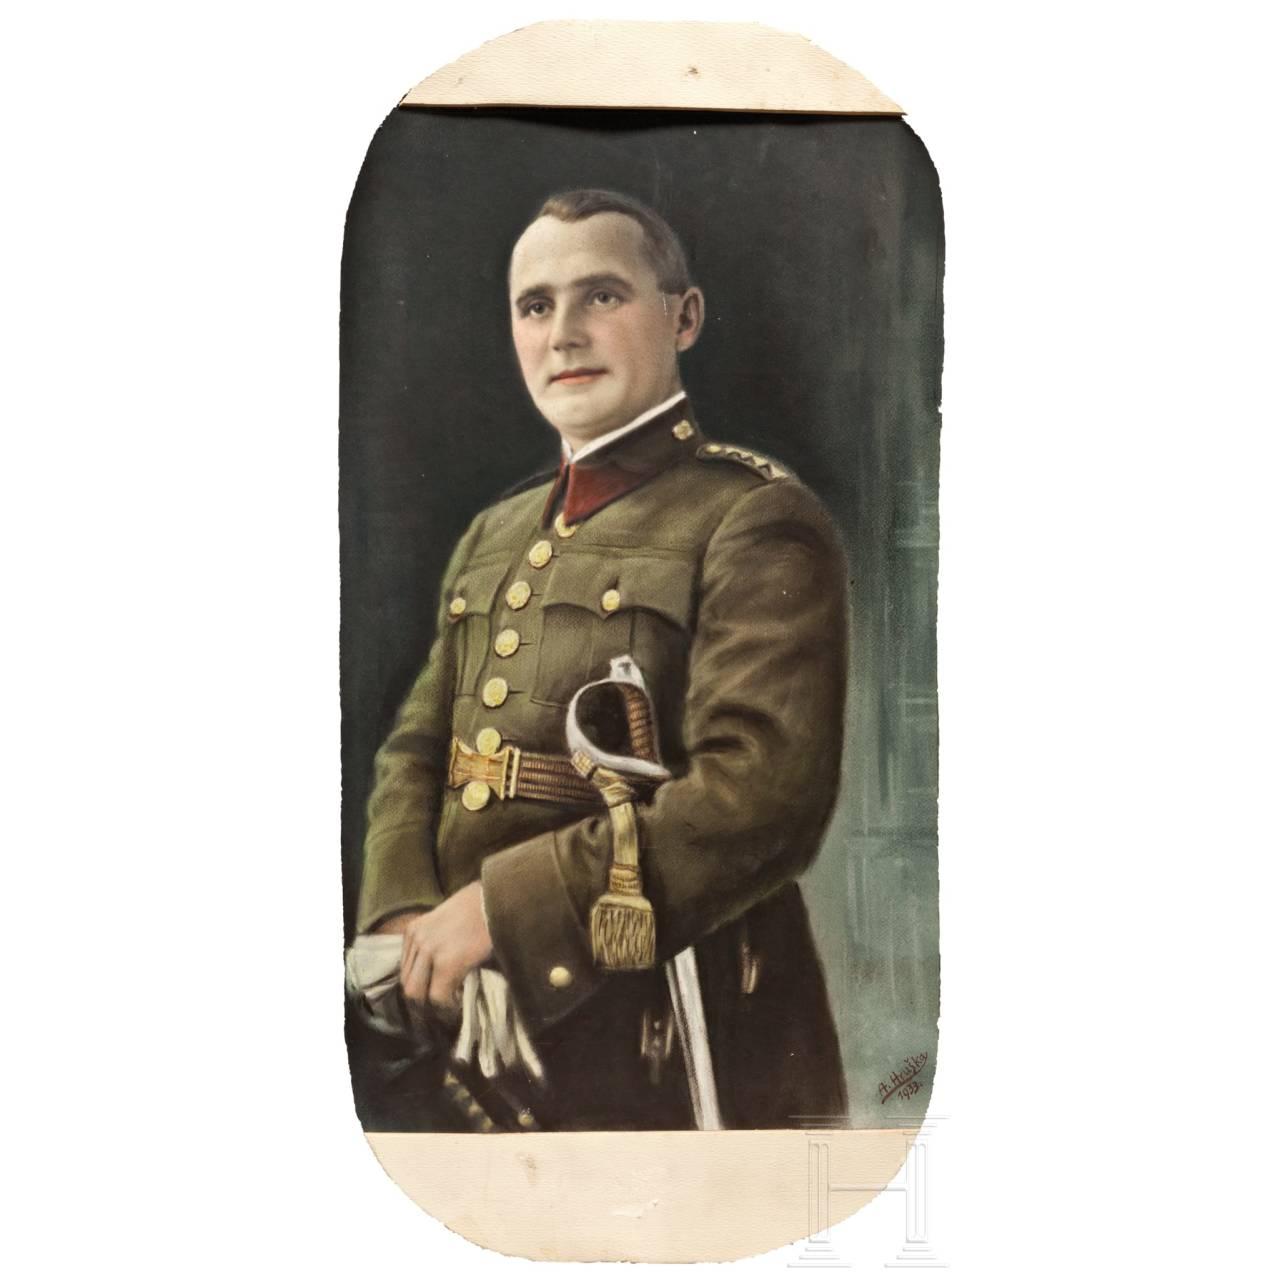 Uniformportrait, tschechisch, datiert 1933